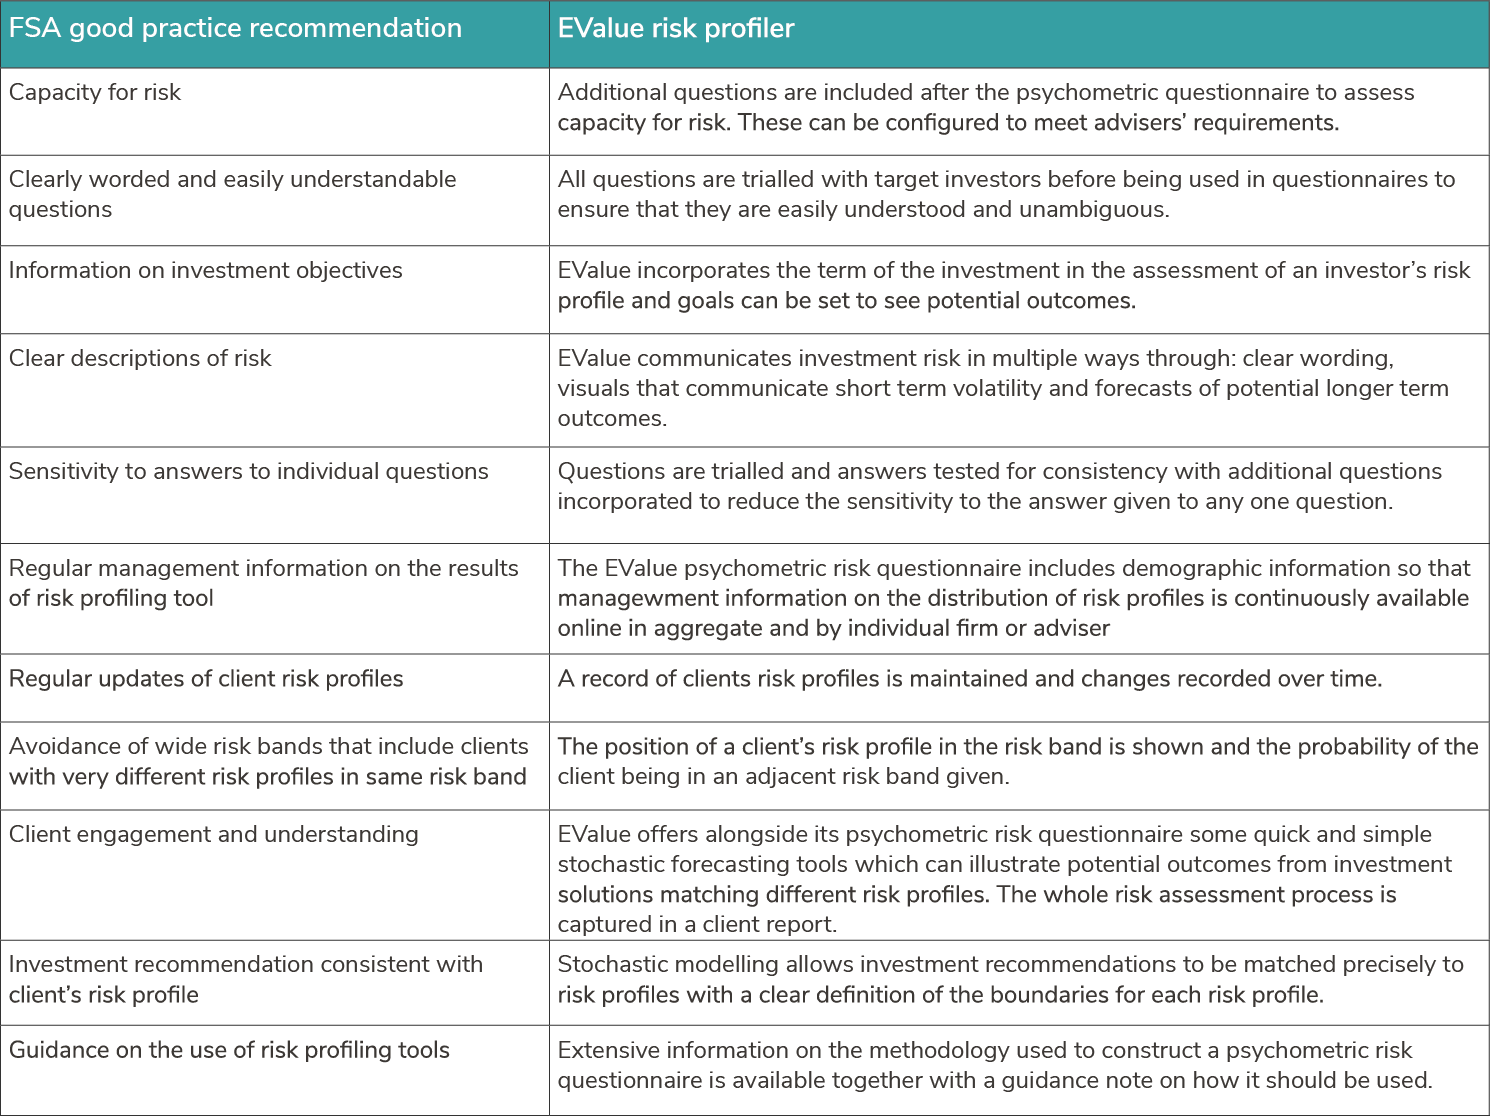 RP FAQ table@2x